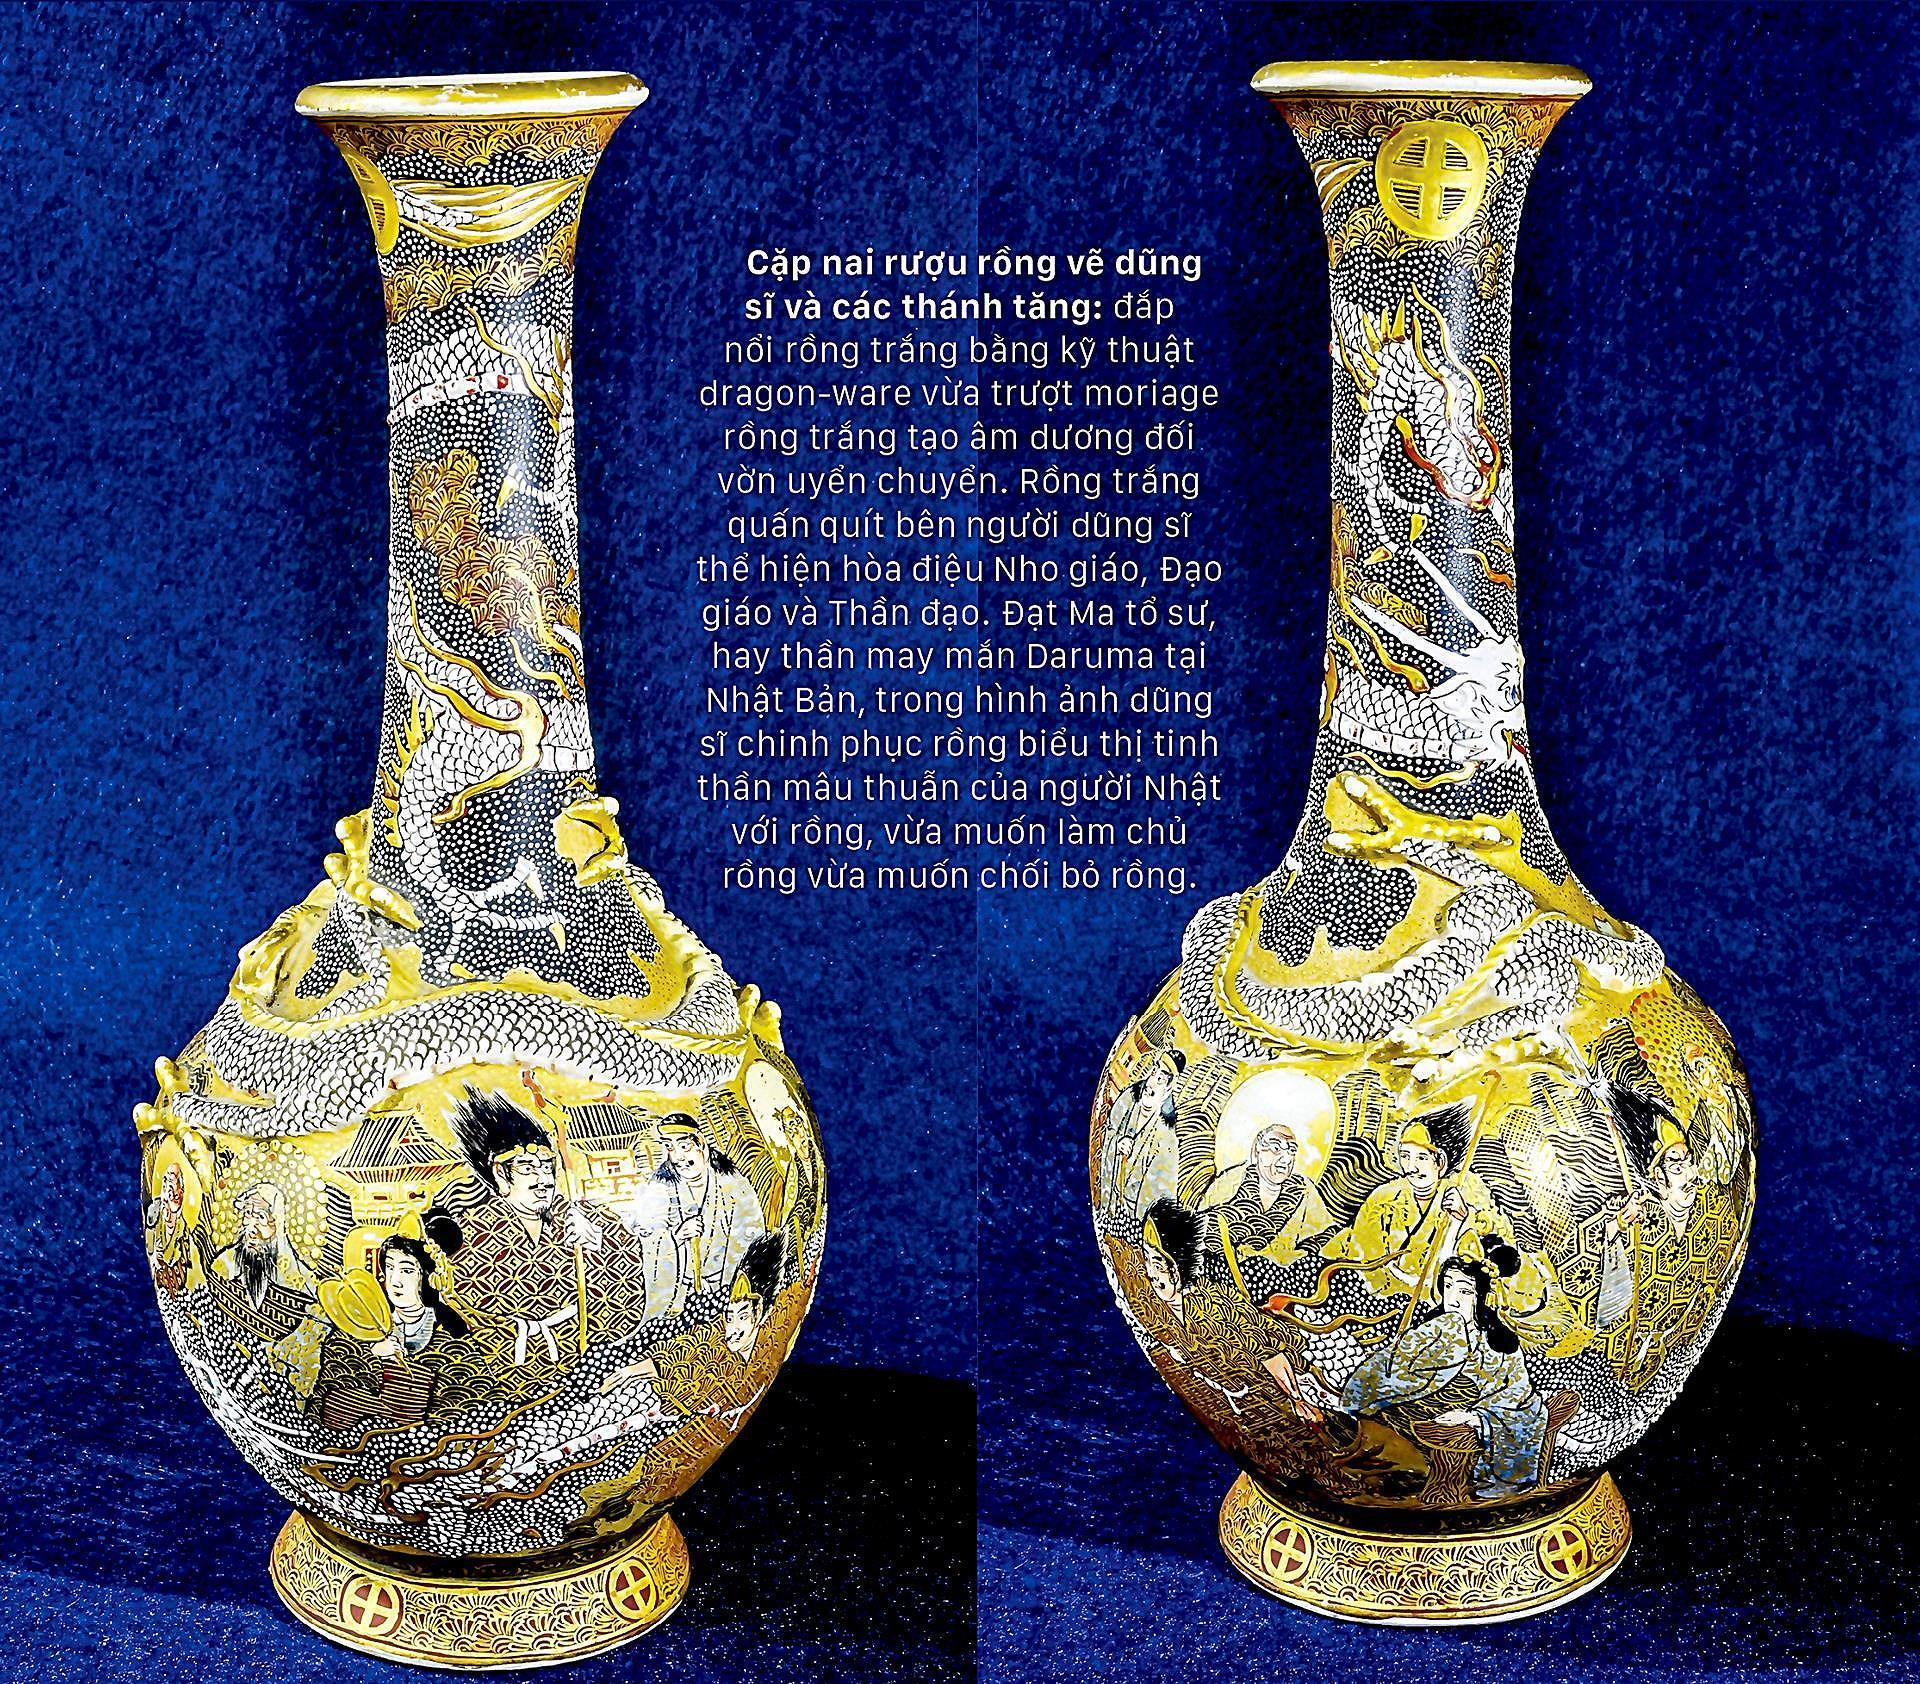 Hình tượng rồng trên bình rượu Sake Satsuma Ảnh 7